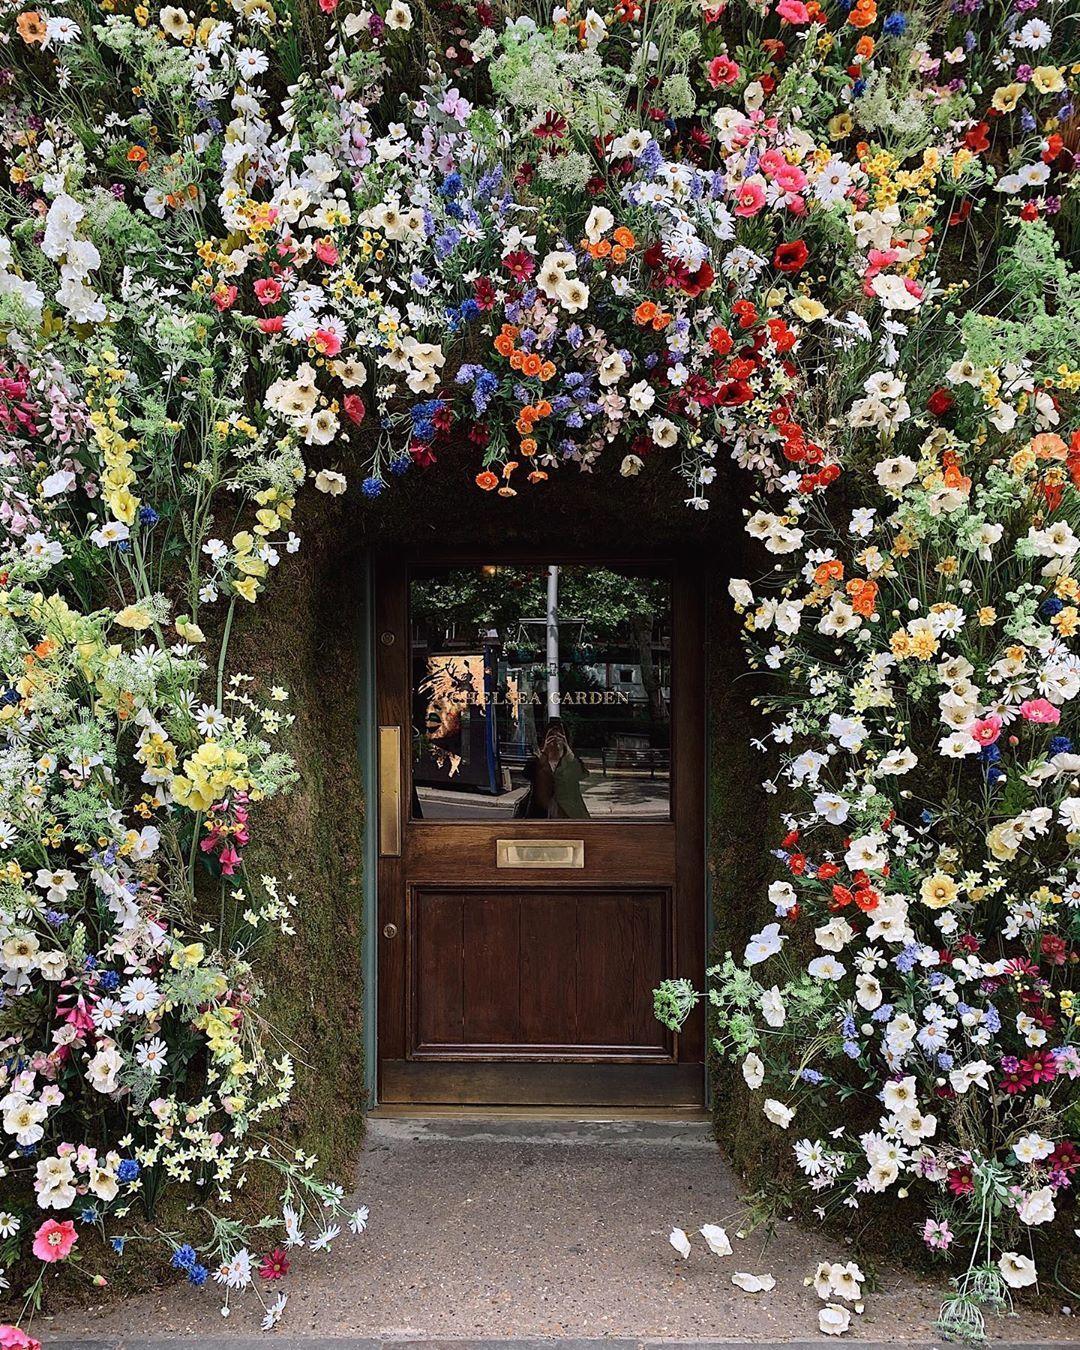 Ivy Chelsea Garden, May 2019 ivychelseagarden